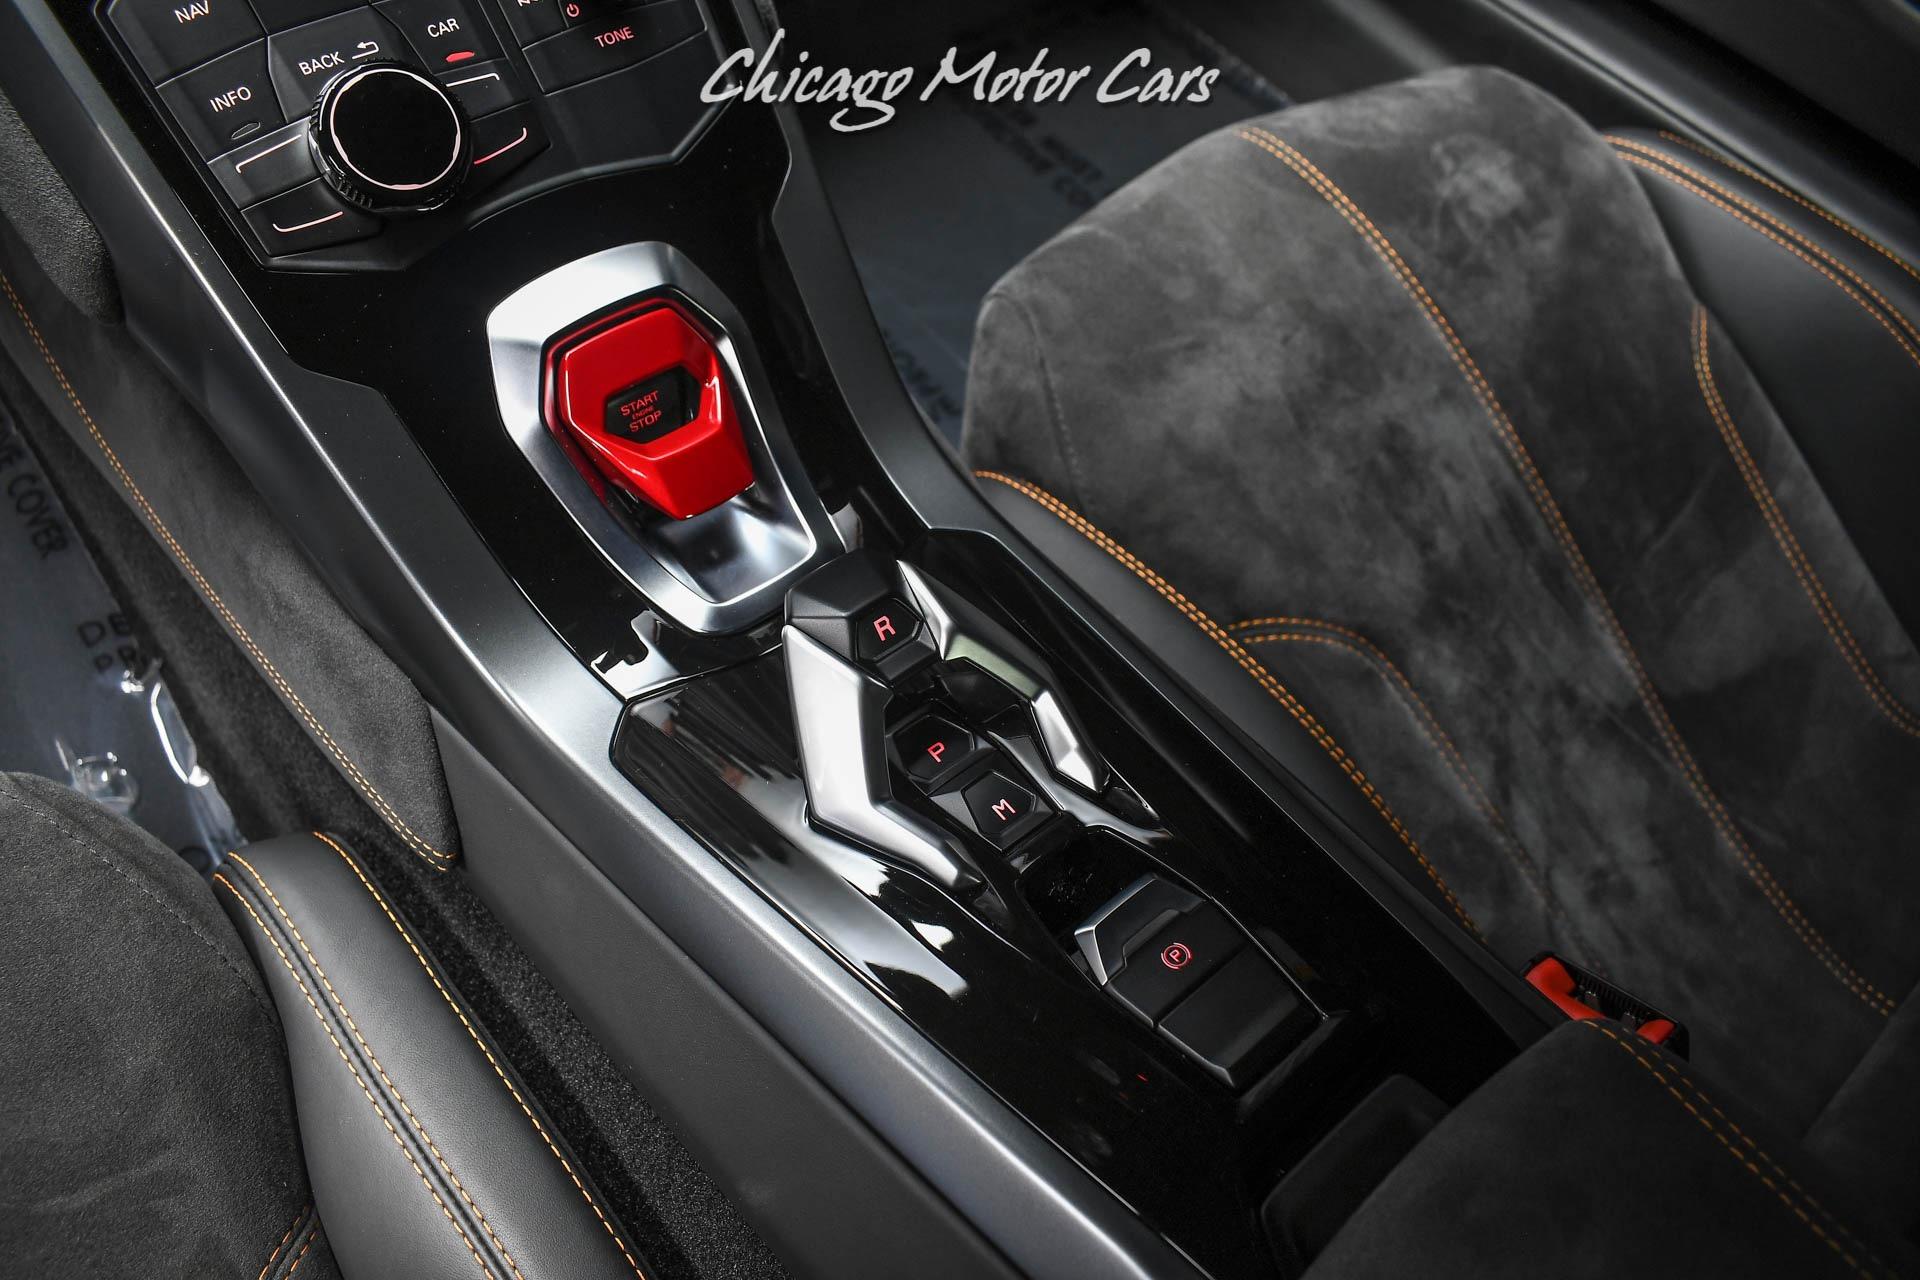 Used-2015-Lamborghini-Huracan-LP-610-4-5K-MILES-MSRP-254K-ALCANTARA-INTERIOR-CARBON-WING